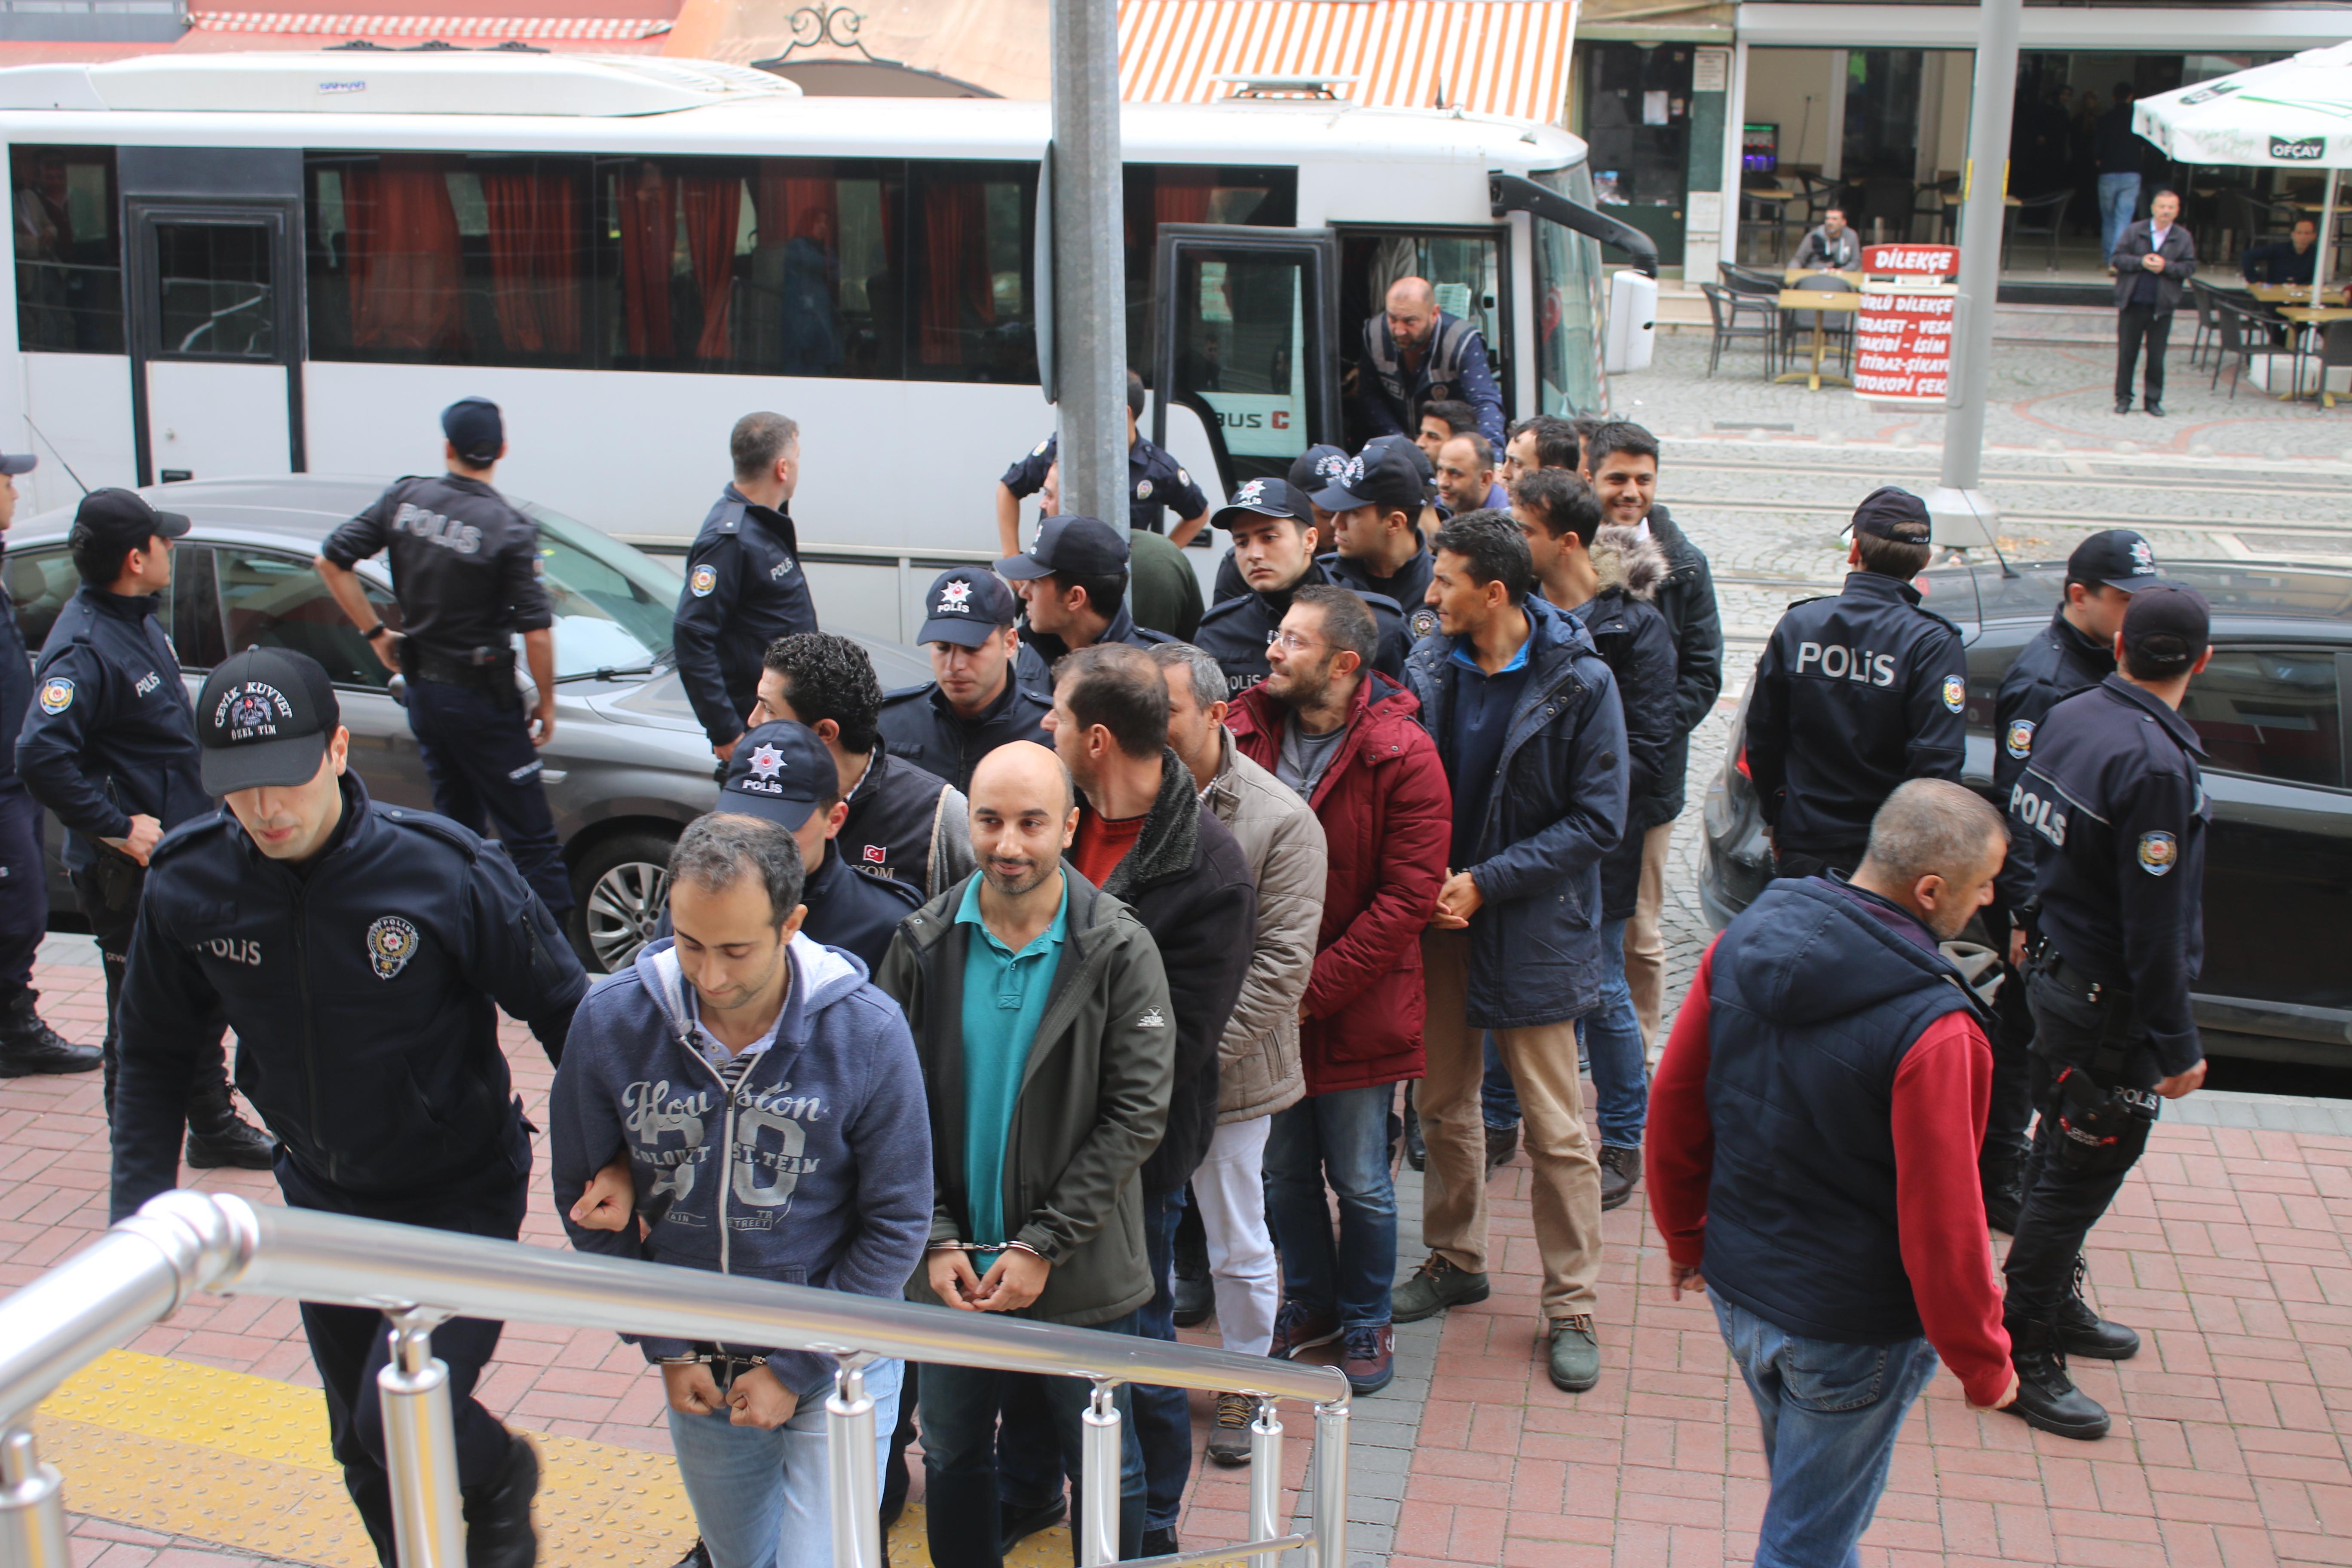 FETÖ operasyonlarında 12 şüpheli gözaltına alındı 33